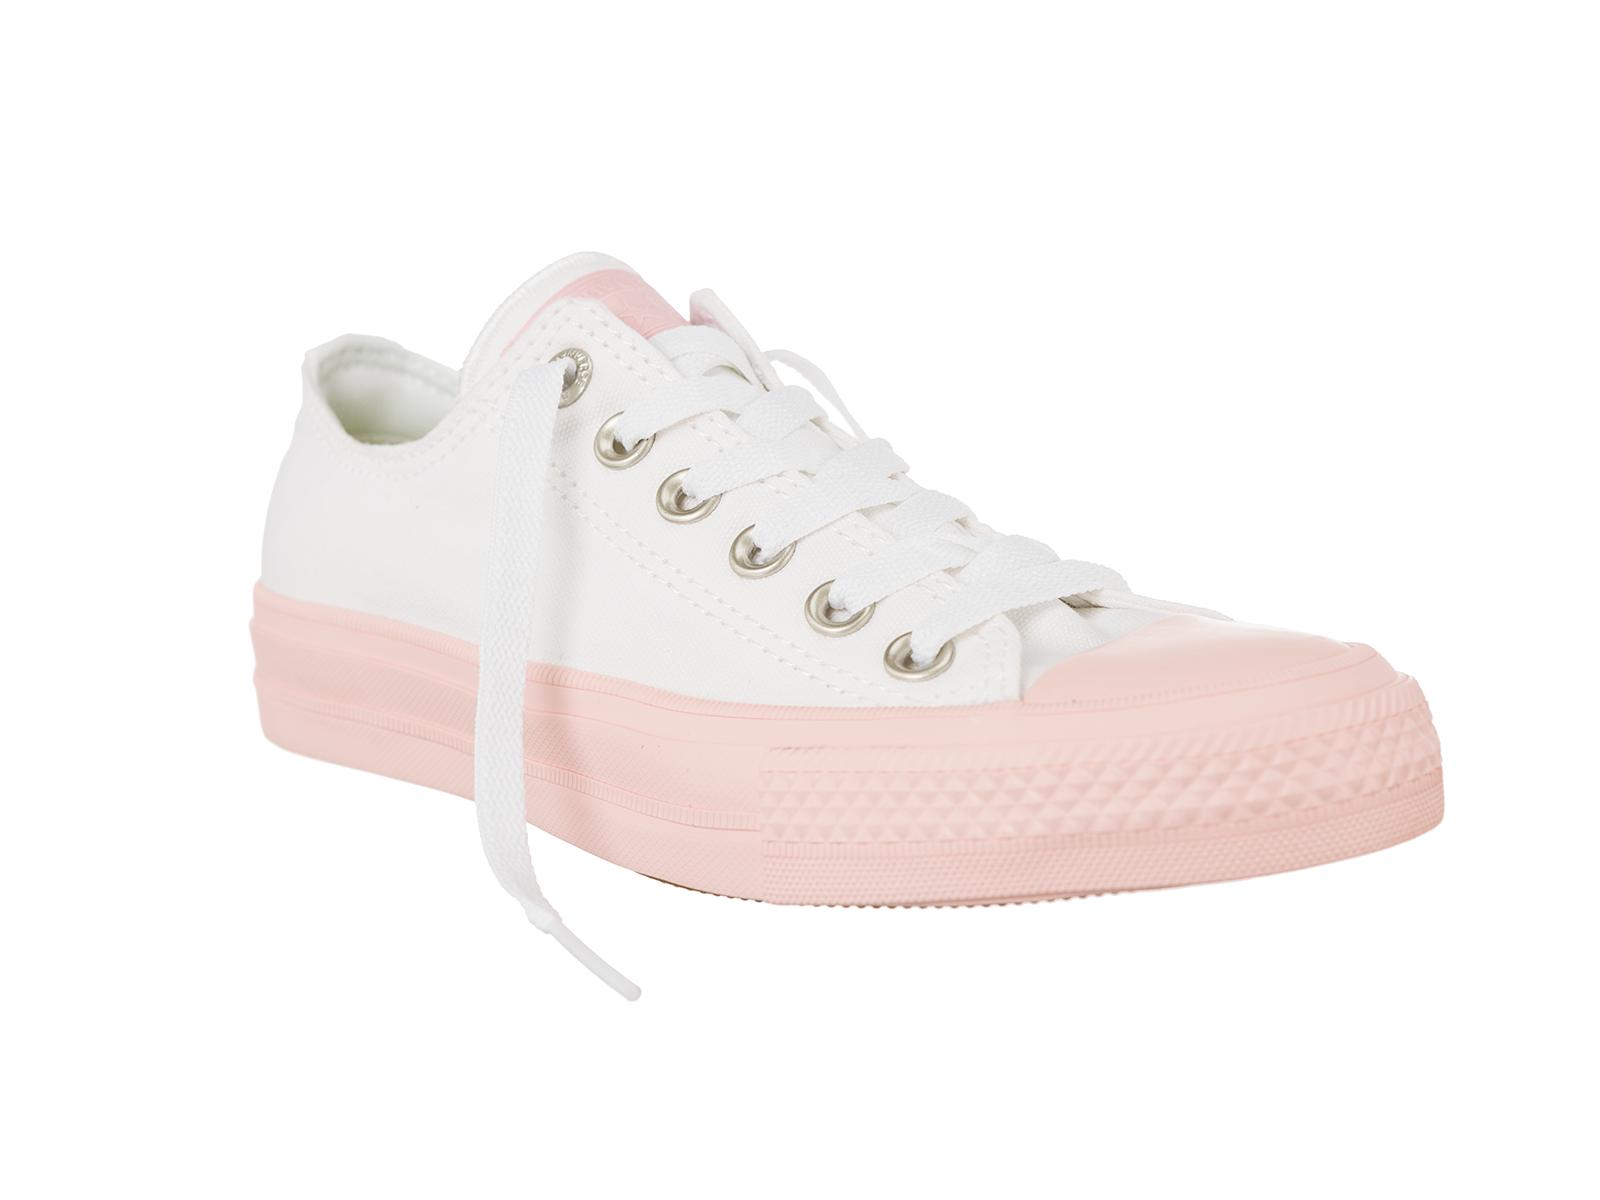 Converse Unisex All Star II Sneakers Scarpe Da Ginnastica Stringate Alte Basse